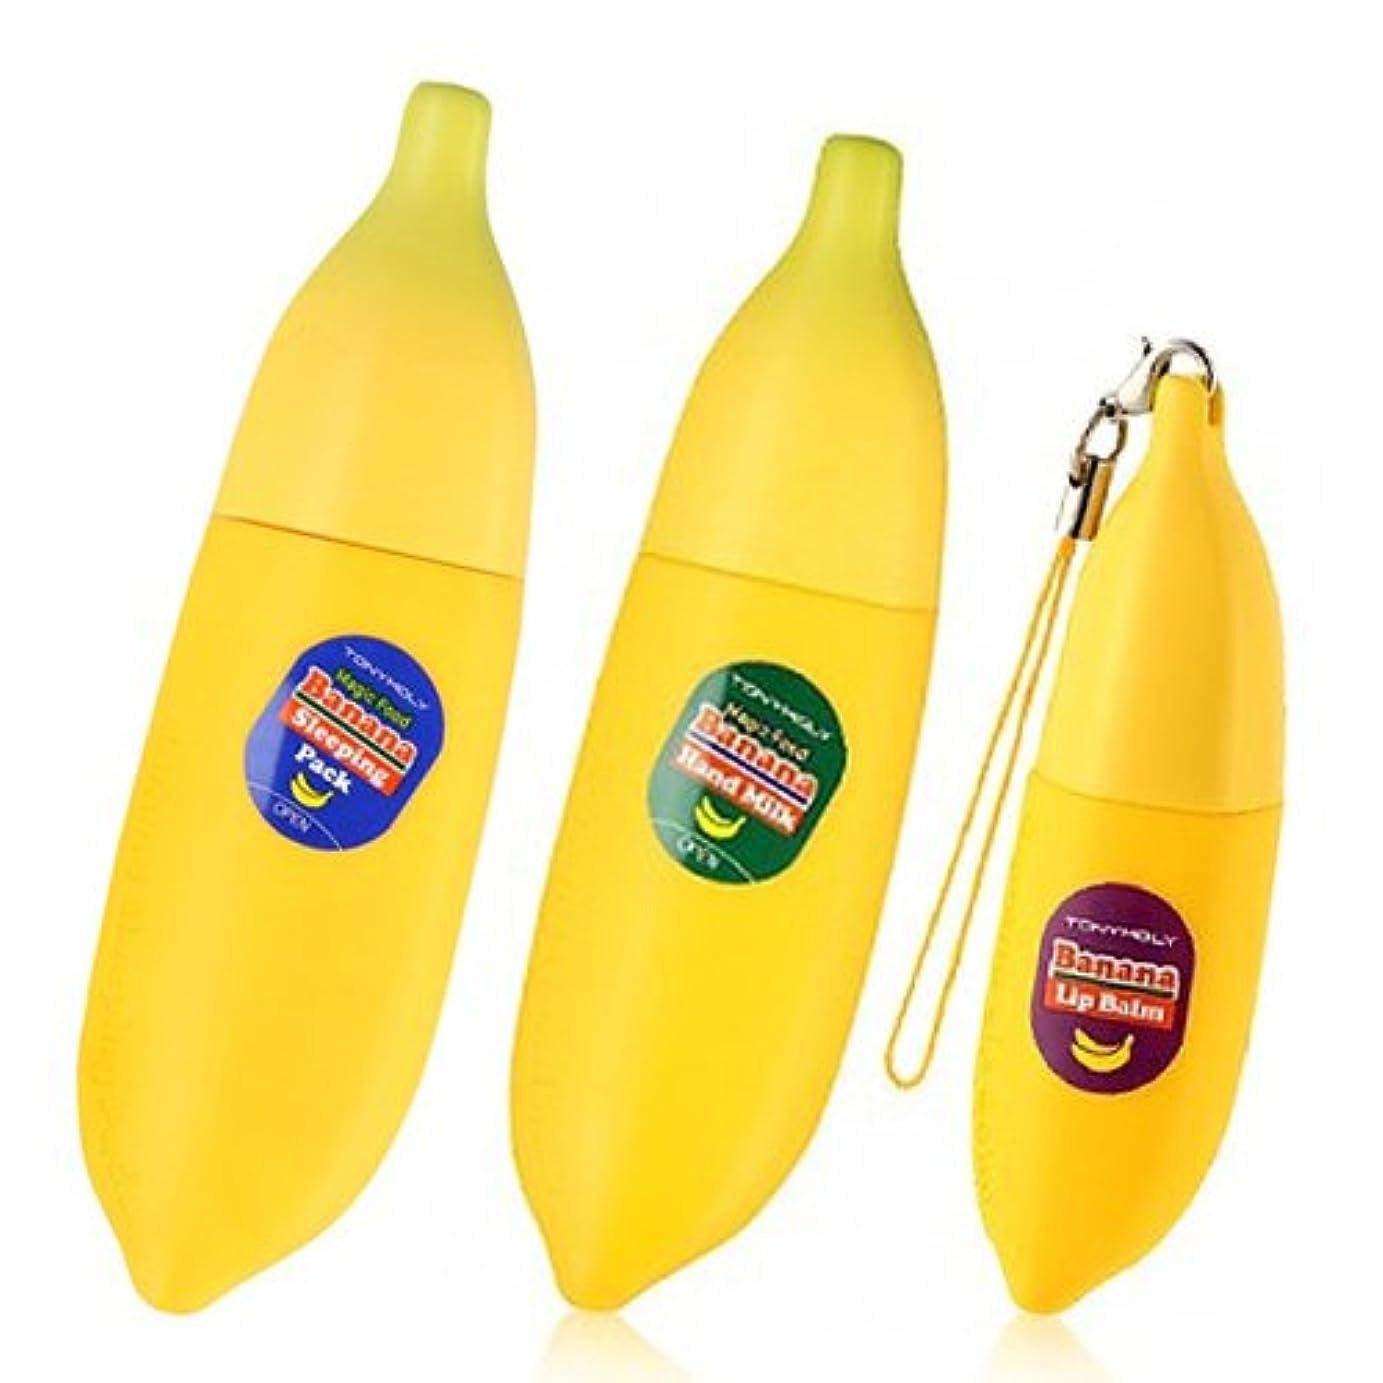 の間にタクトチーターTONYMOLY (トニーモリ―) マジックフードバナナ3種類1セット(スリーピングパック+ハンドクリーム+リップバーム) Magic Food Banana of 3 Types (Sleeping Pack+Hand Cream+Lim Balm) [並行輸入品]